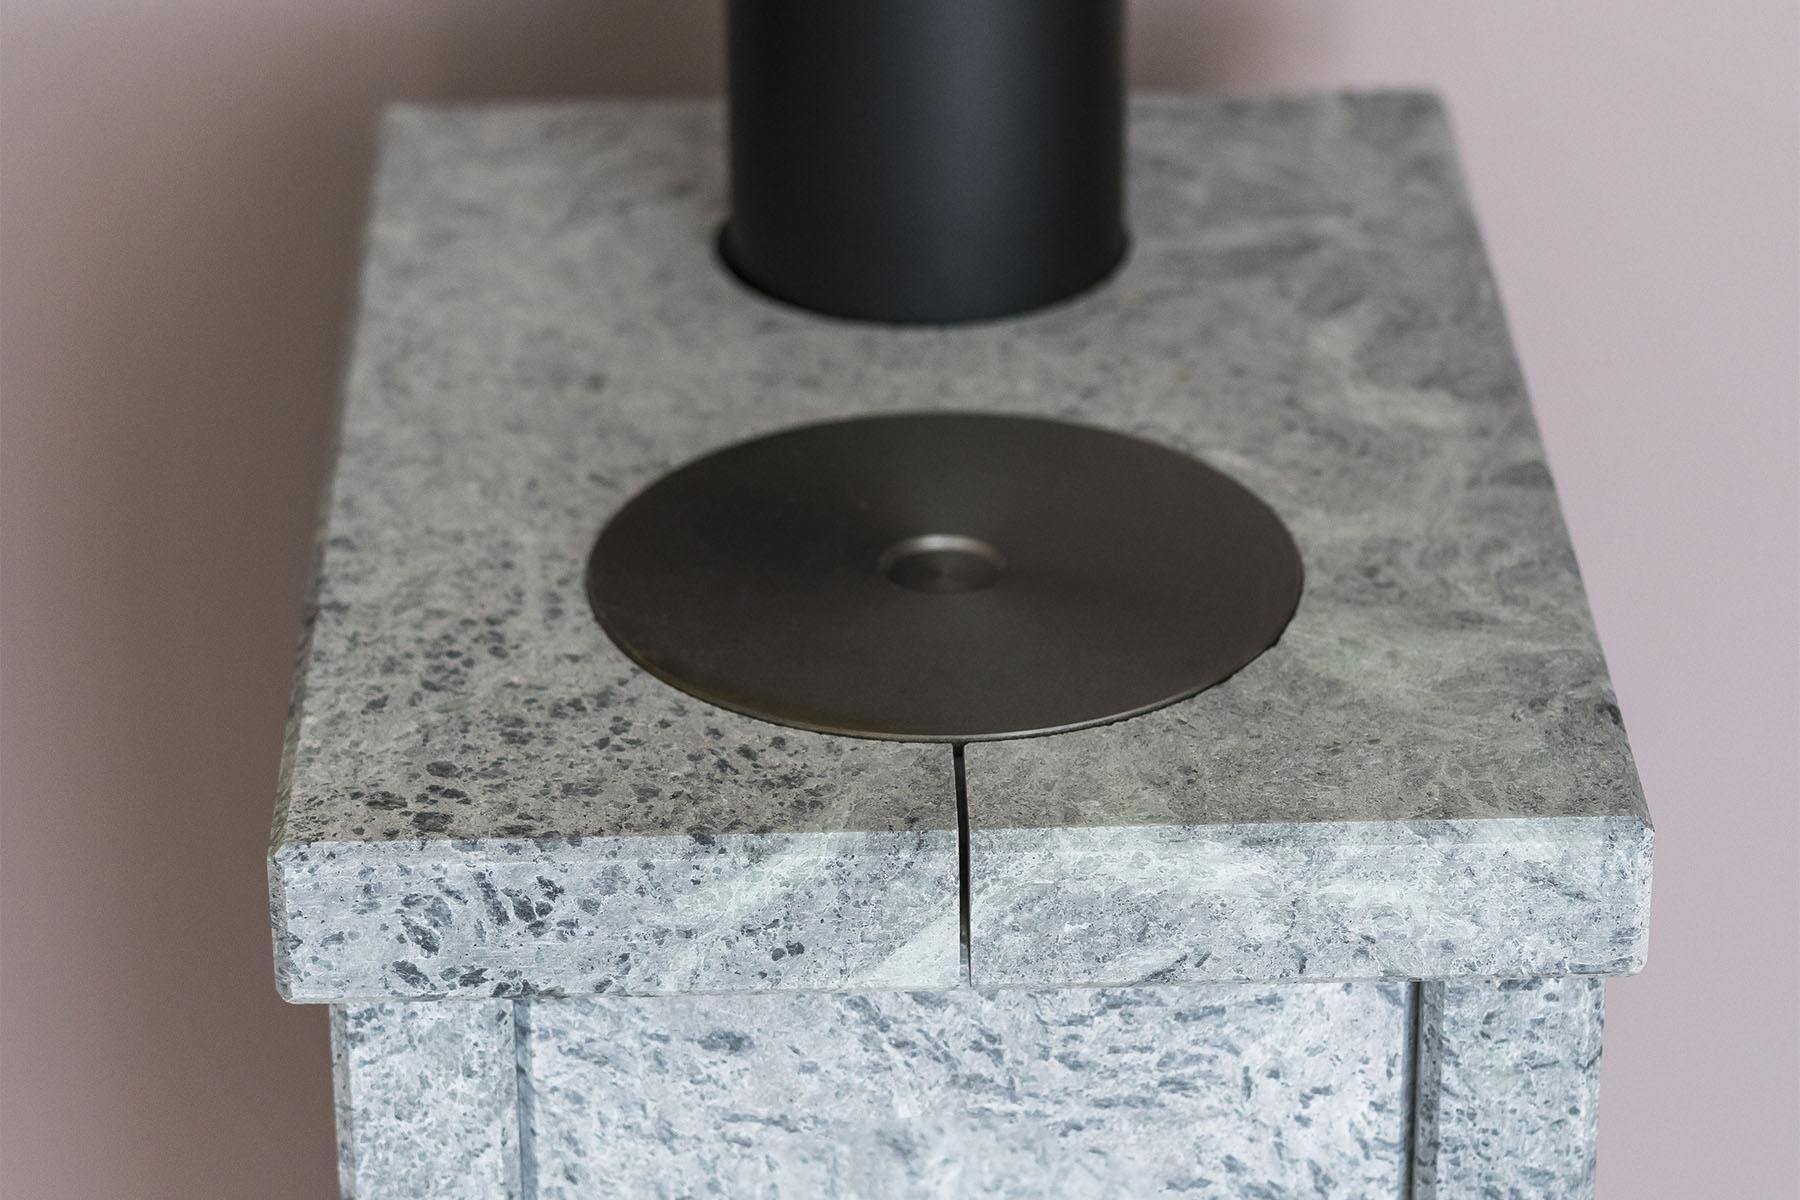 Koketoppen er nedfelt i toppsteinen. Koke topp-funksjonen vil kunne komme godt med når man mangler strøm, ved strømbrudd, eller man kun har en liten komfyr på hytta. Koketoppen er meget effektiv.  I tester hos en kunde har vi klart å koke flere  liter vann på under 10 minutter. Årsaken til det er at   varmen vil søke seg til det kaldeste punktet grunnet konstruk sjonen, samt materialets beskaffenhet.  Koketopp kan kun fås på modell 102.